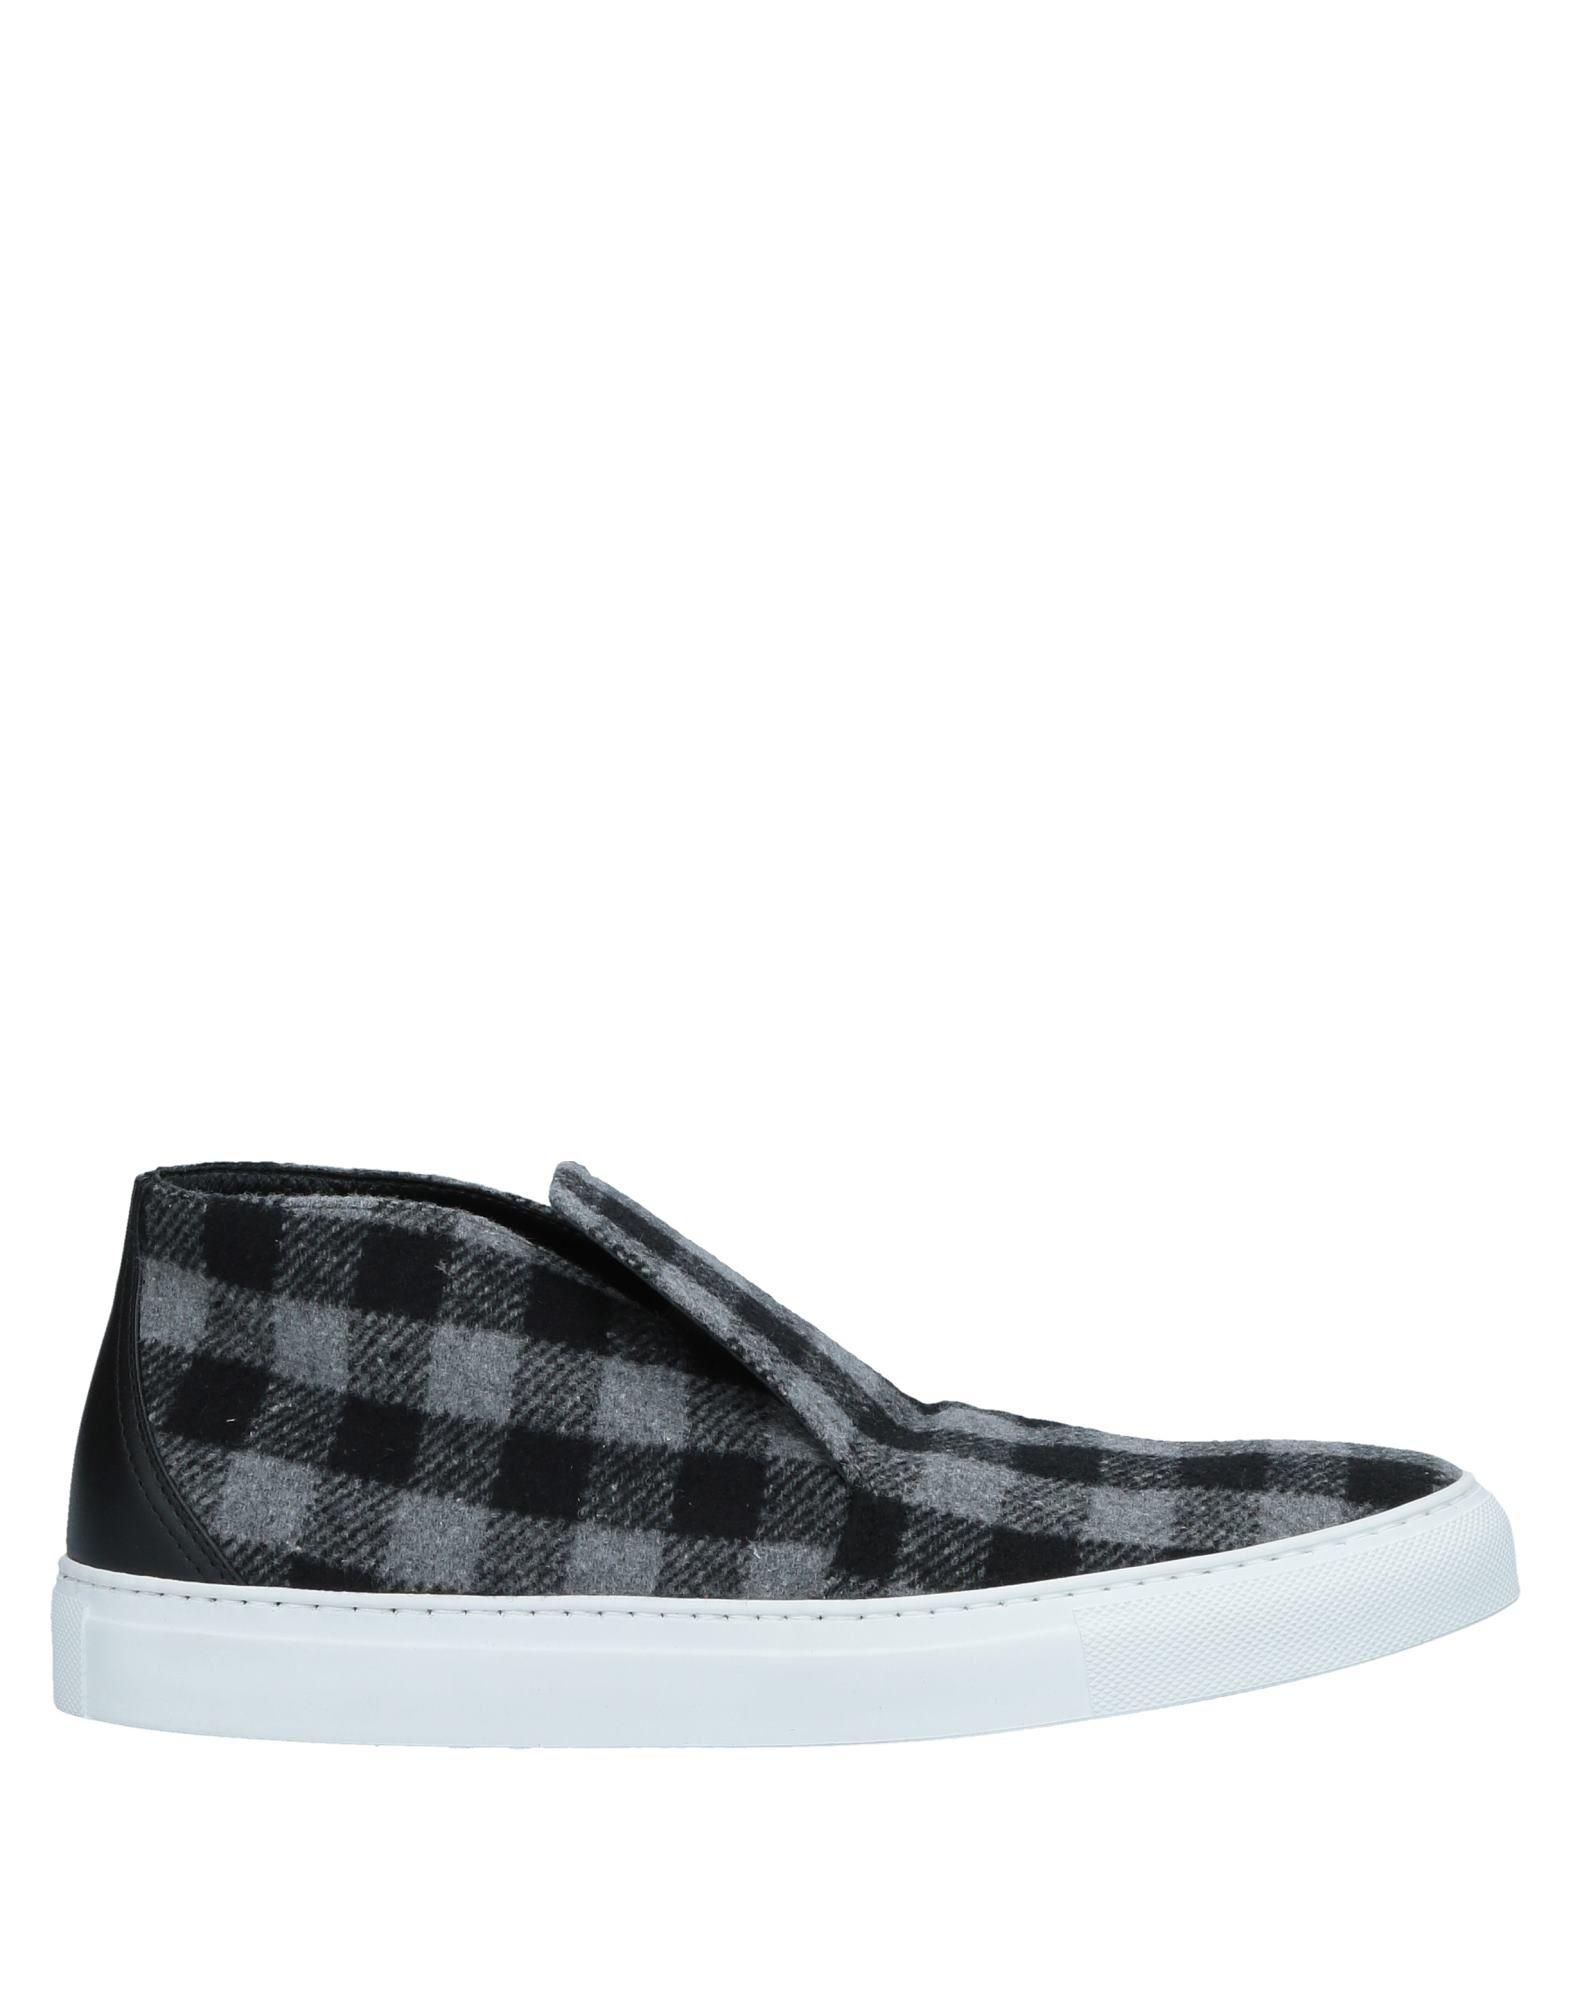 Sneakers Joshua*S Uomo - 11532076TK Scarpe economiche e buone